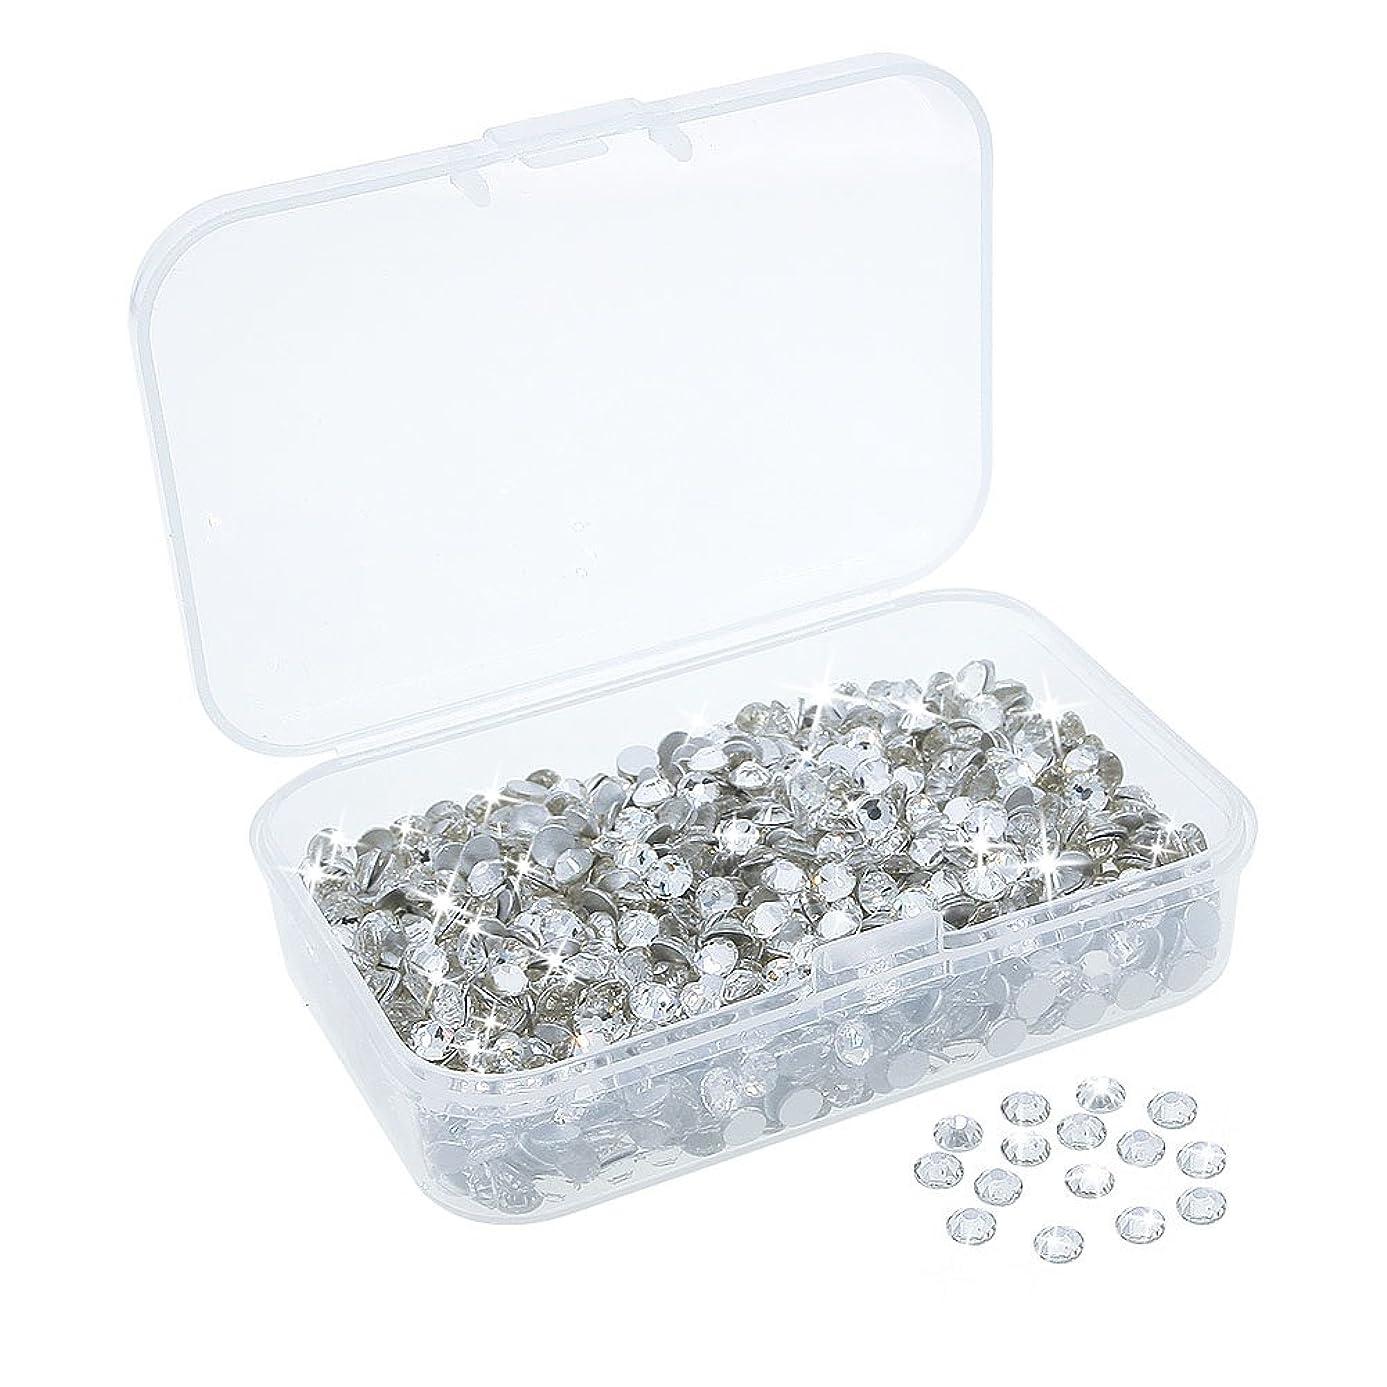 Bren SL 1440 Pieces Round Crystal Flatback Rhinestones, 4mm, Clear